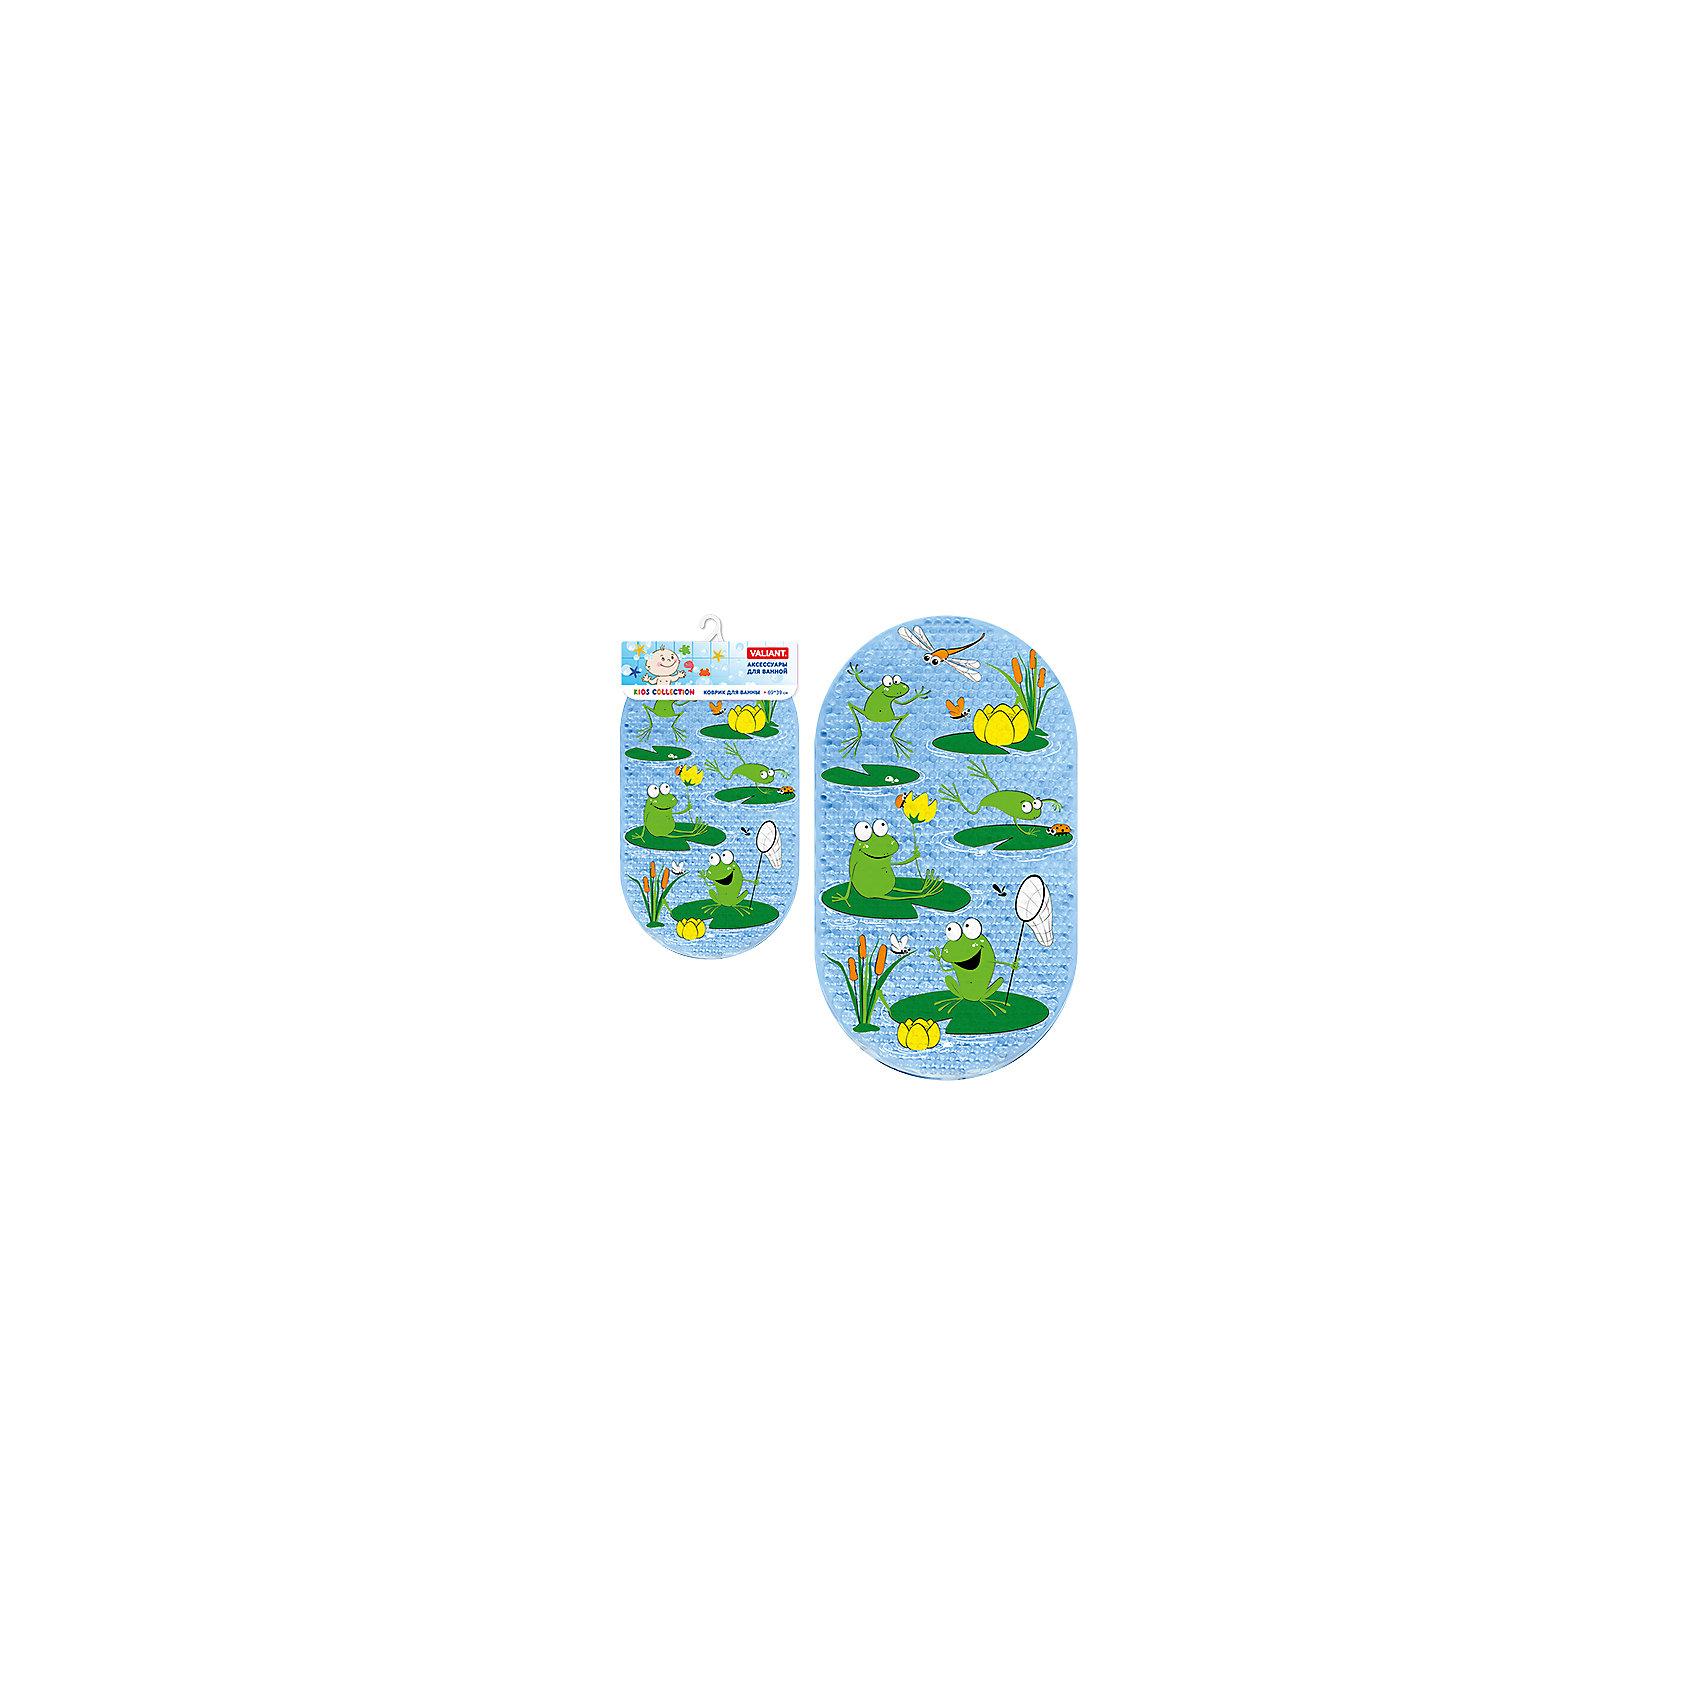 Коврик для ванны Лягушата 69*39 смВанная комната<br>Коврик для ванны Лягушата 69*39 см украшен изображением веселых зеленых лягушат. Он идеально подходит для ванны и душа и обеспечивает надежную защиту от скольжения и падения во время водных процедур или на мокром полу ванной. Коврик хорошо прилегает к любой ровной поверхности с помощью множества присосок. Изделие выполнено из поливинилхлорида с антибактериальным покрытием, не содержащего вредных добавок и полностью безопасного для здоровья малыша. Его неоднородная рифлёная поверхность обладает массажным эффектом и способствует развитию моторики. Оригинальная овальная форма и приятная цветовая гамма оживят интерьер и подарят хорошее настроение при купании.<br><br>Дополнительная информация:<br> <br>- возраст: от 1 года.<br>- материал: поливинилхлорид с антибактериальными добавками.<br>- размер: 69*39 см.<br>- вес: 525 гр.<br><br>Коврик для ванны Лягушата 69*39 см. можно купить в нашем интернет-магазине.<br><br>Ширина мм: 390<br>Глубина мм: 30<br>Высота мм: 760<br>Вес г: 542<br>Возраст от месяцев: -2147483648<br>Возраст до месяцев: 2147483647<br>Пол: Унисекс<br>Возраст: Детский<br>SKU: 4563355